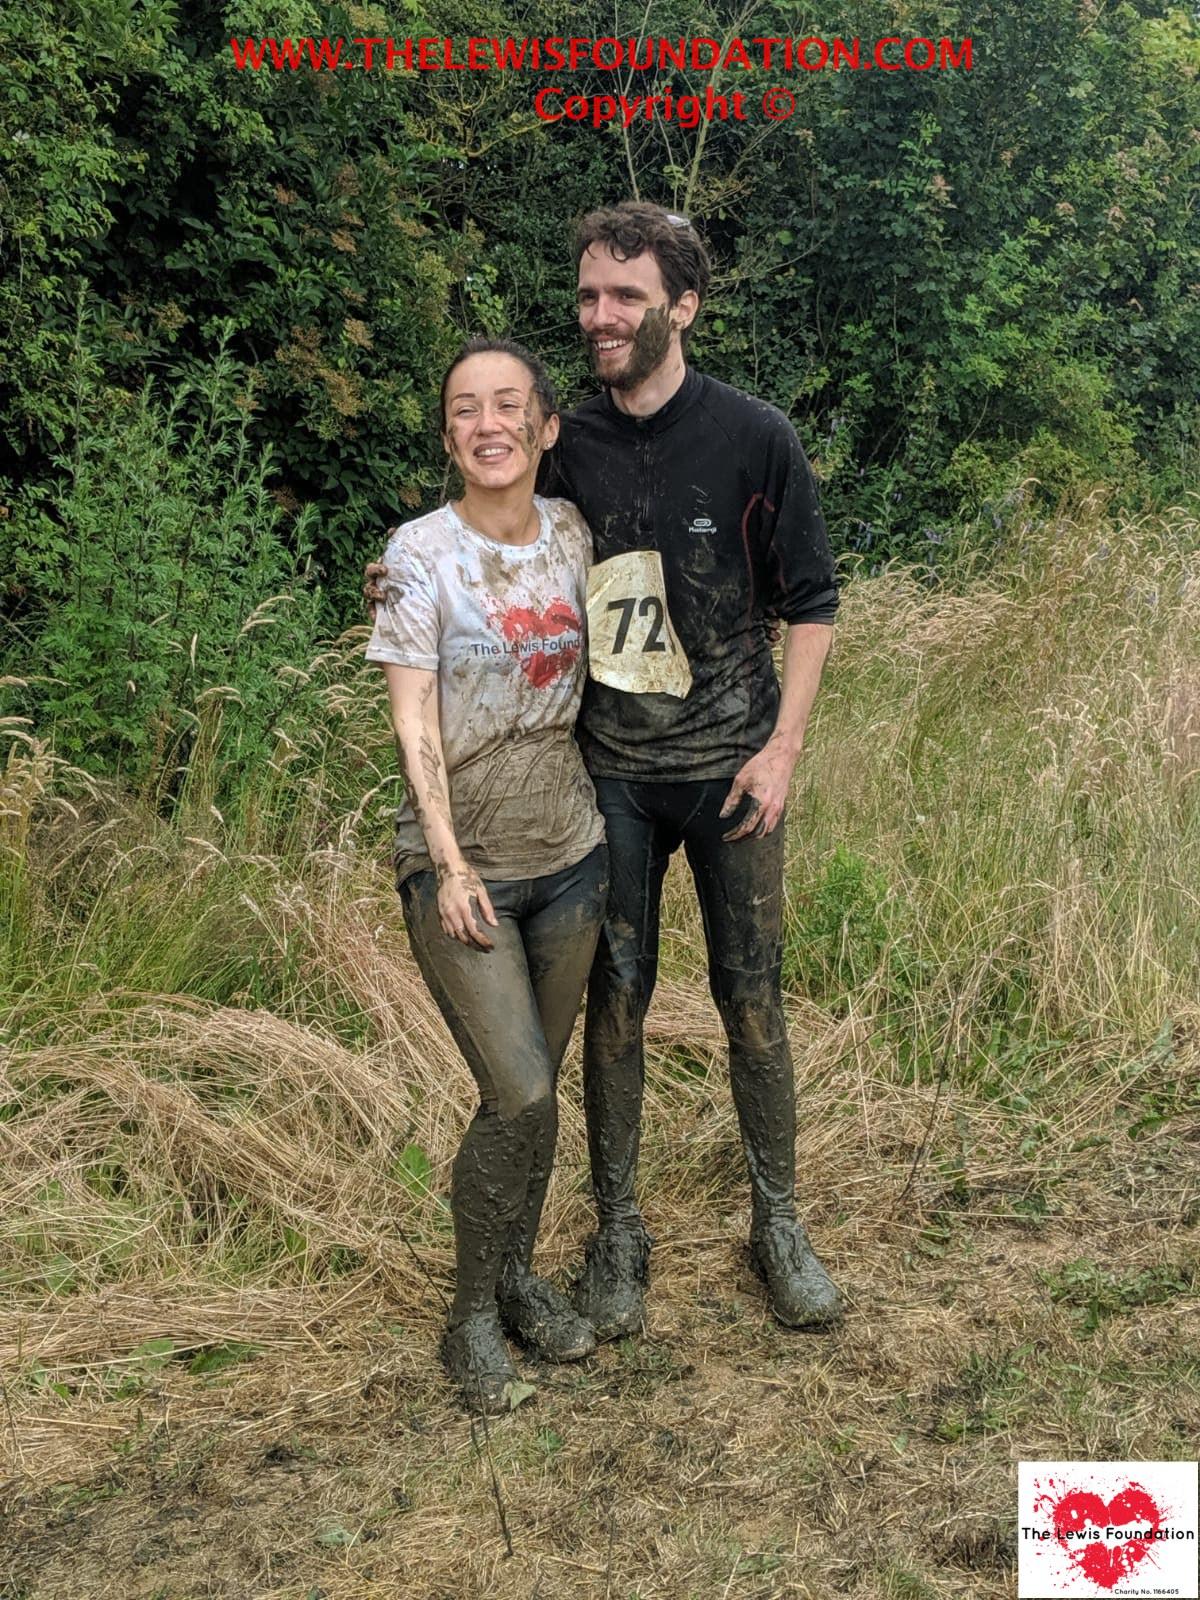 Muddy Furlong 48